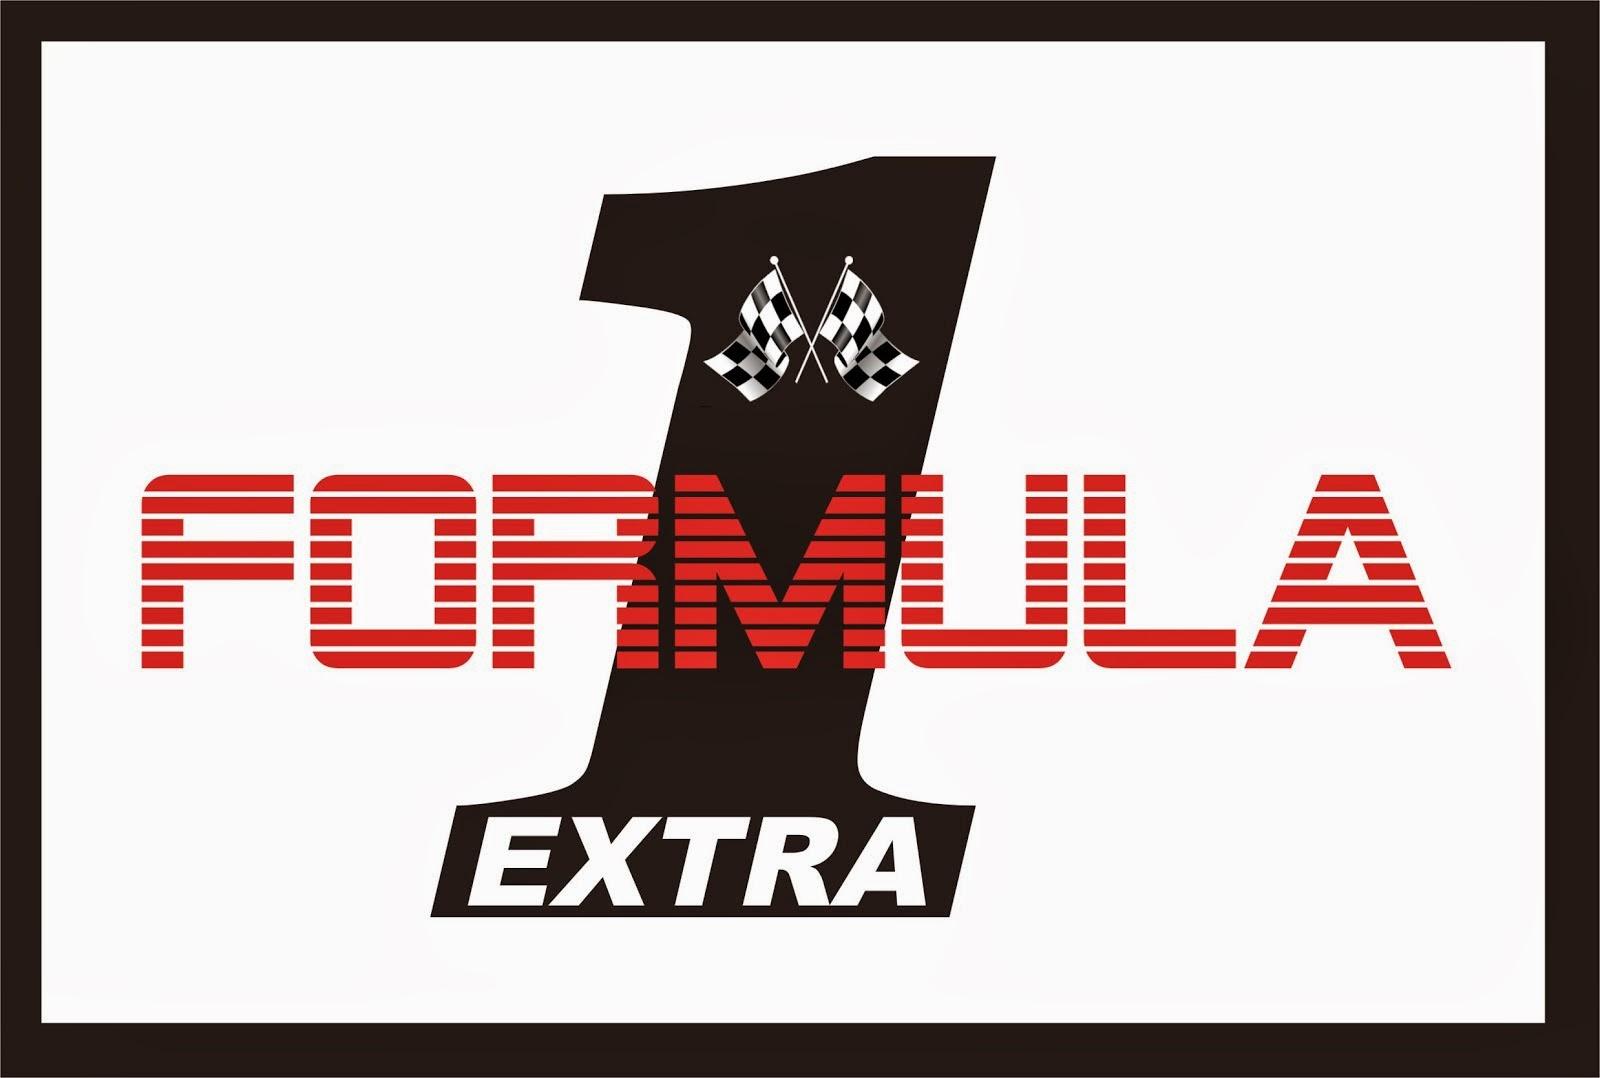 Formula One Extra